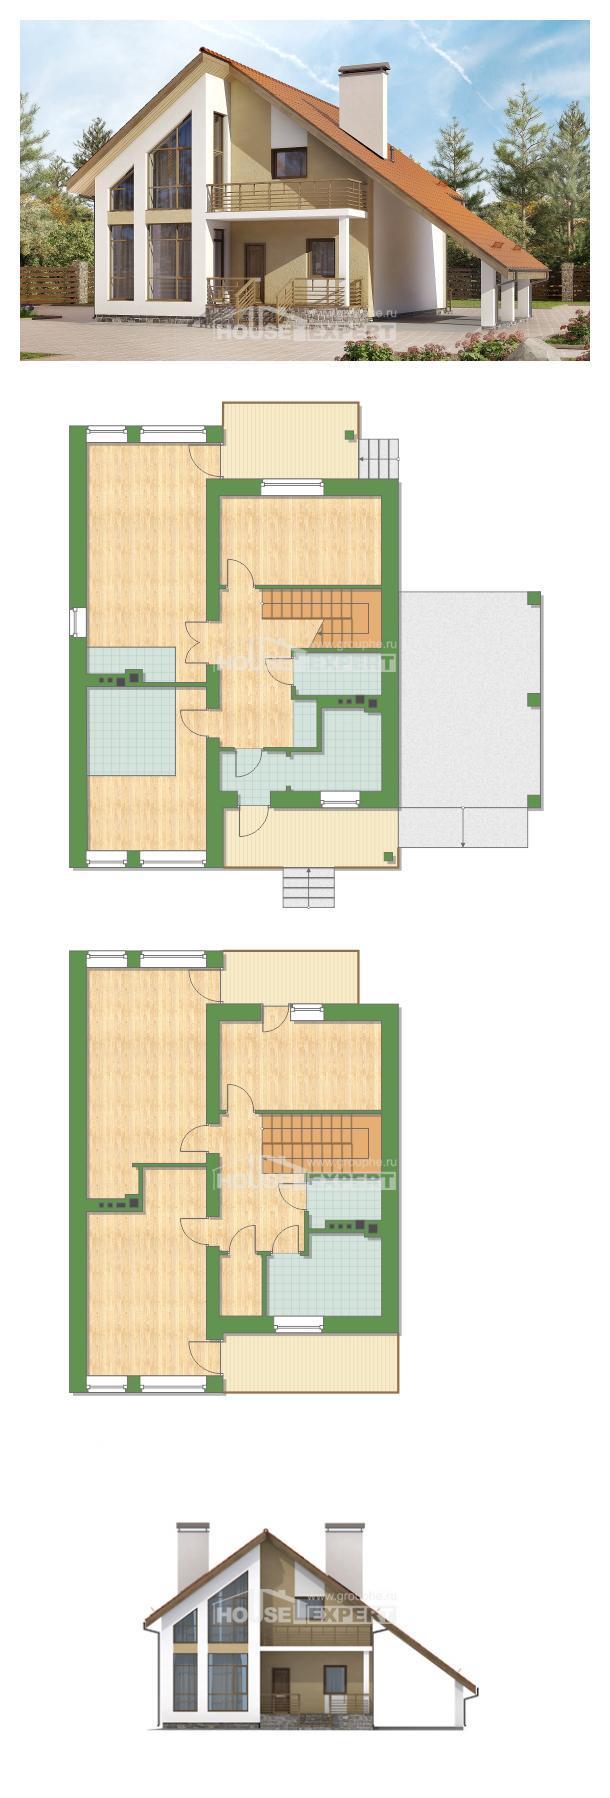 Проект дома 170-009-П | House Expert